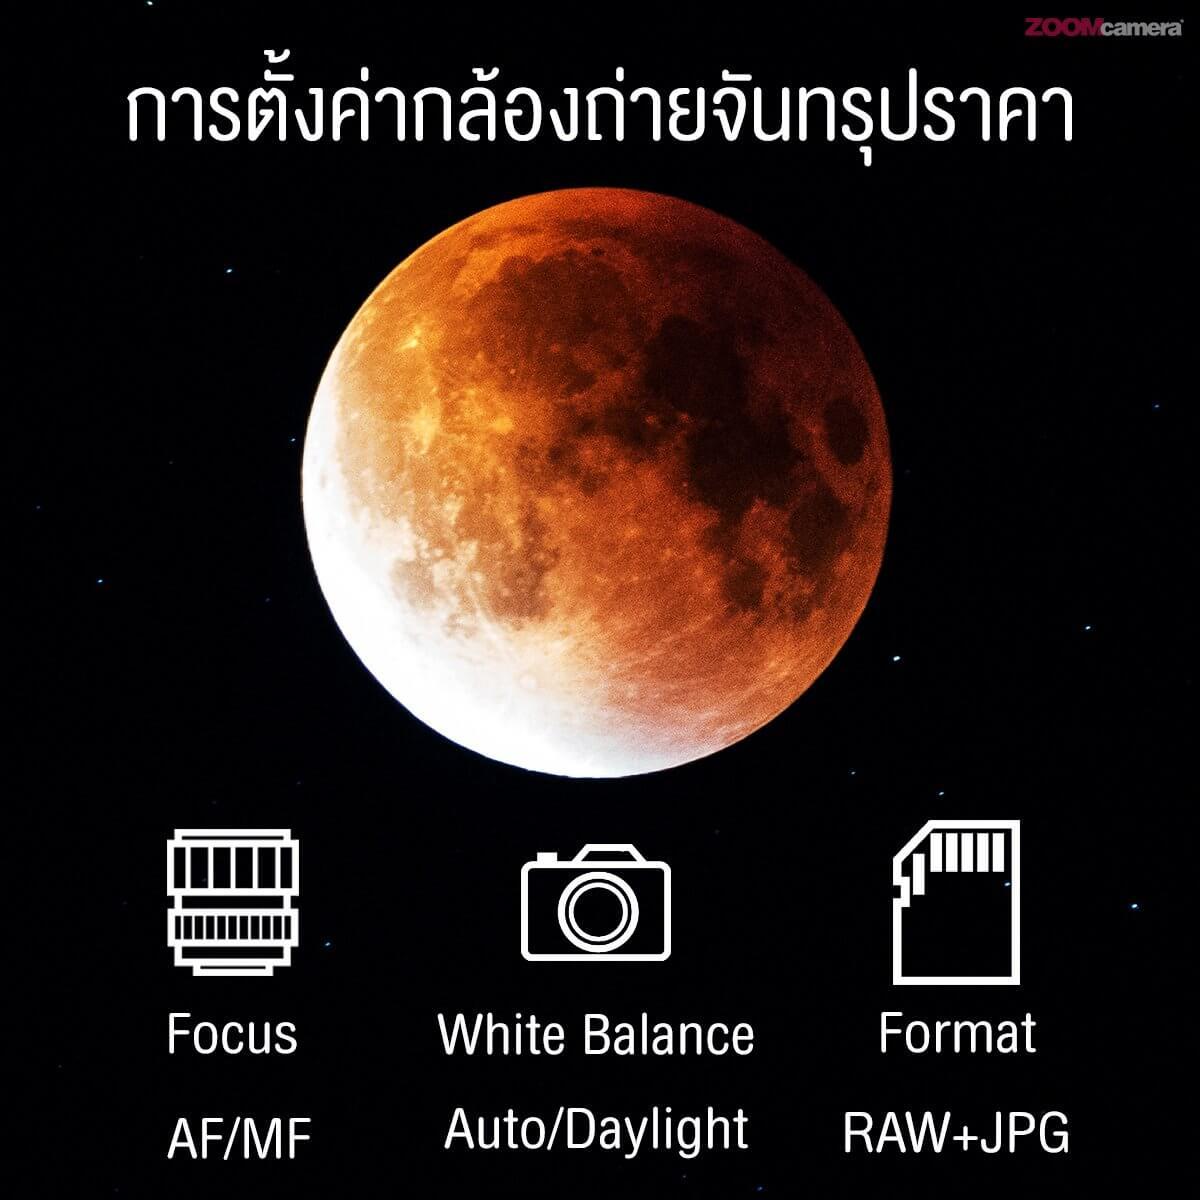 วิธีการถ่ายพระจันทร์ อุปกรณ์ การเตรียมตัว และการเซ็ตค่ากล้อง